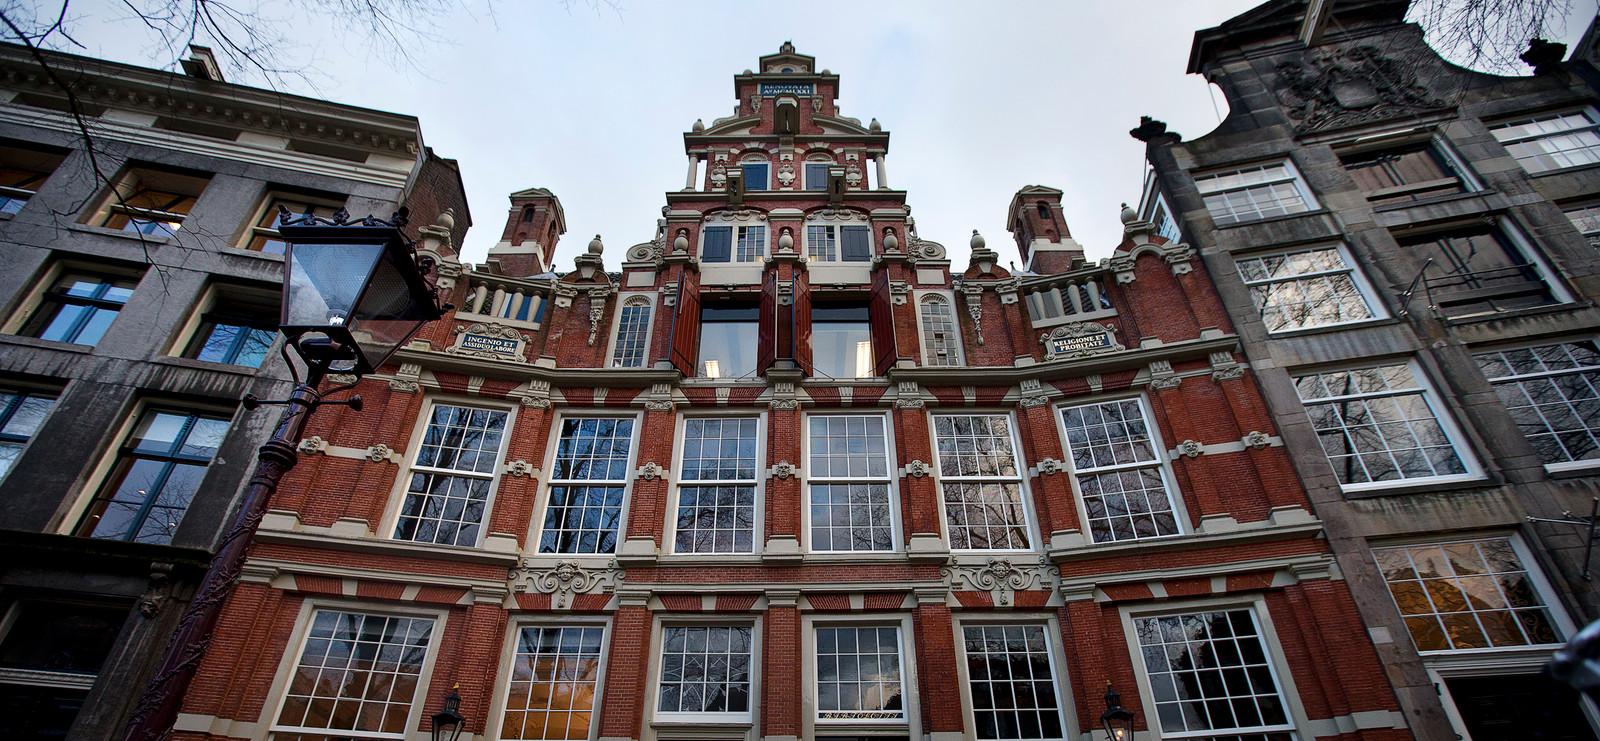 Aantal miljoenenwoningen in nederland flink gestegen foto - Het huis van de cabriolet ...